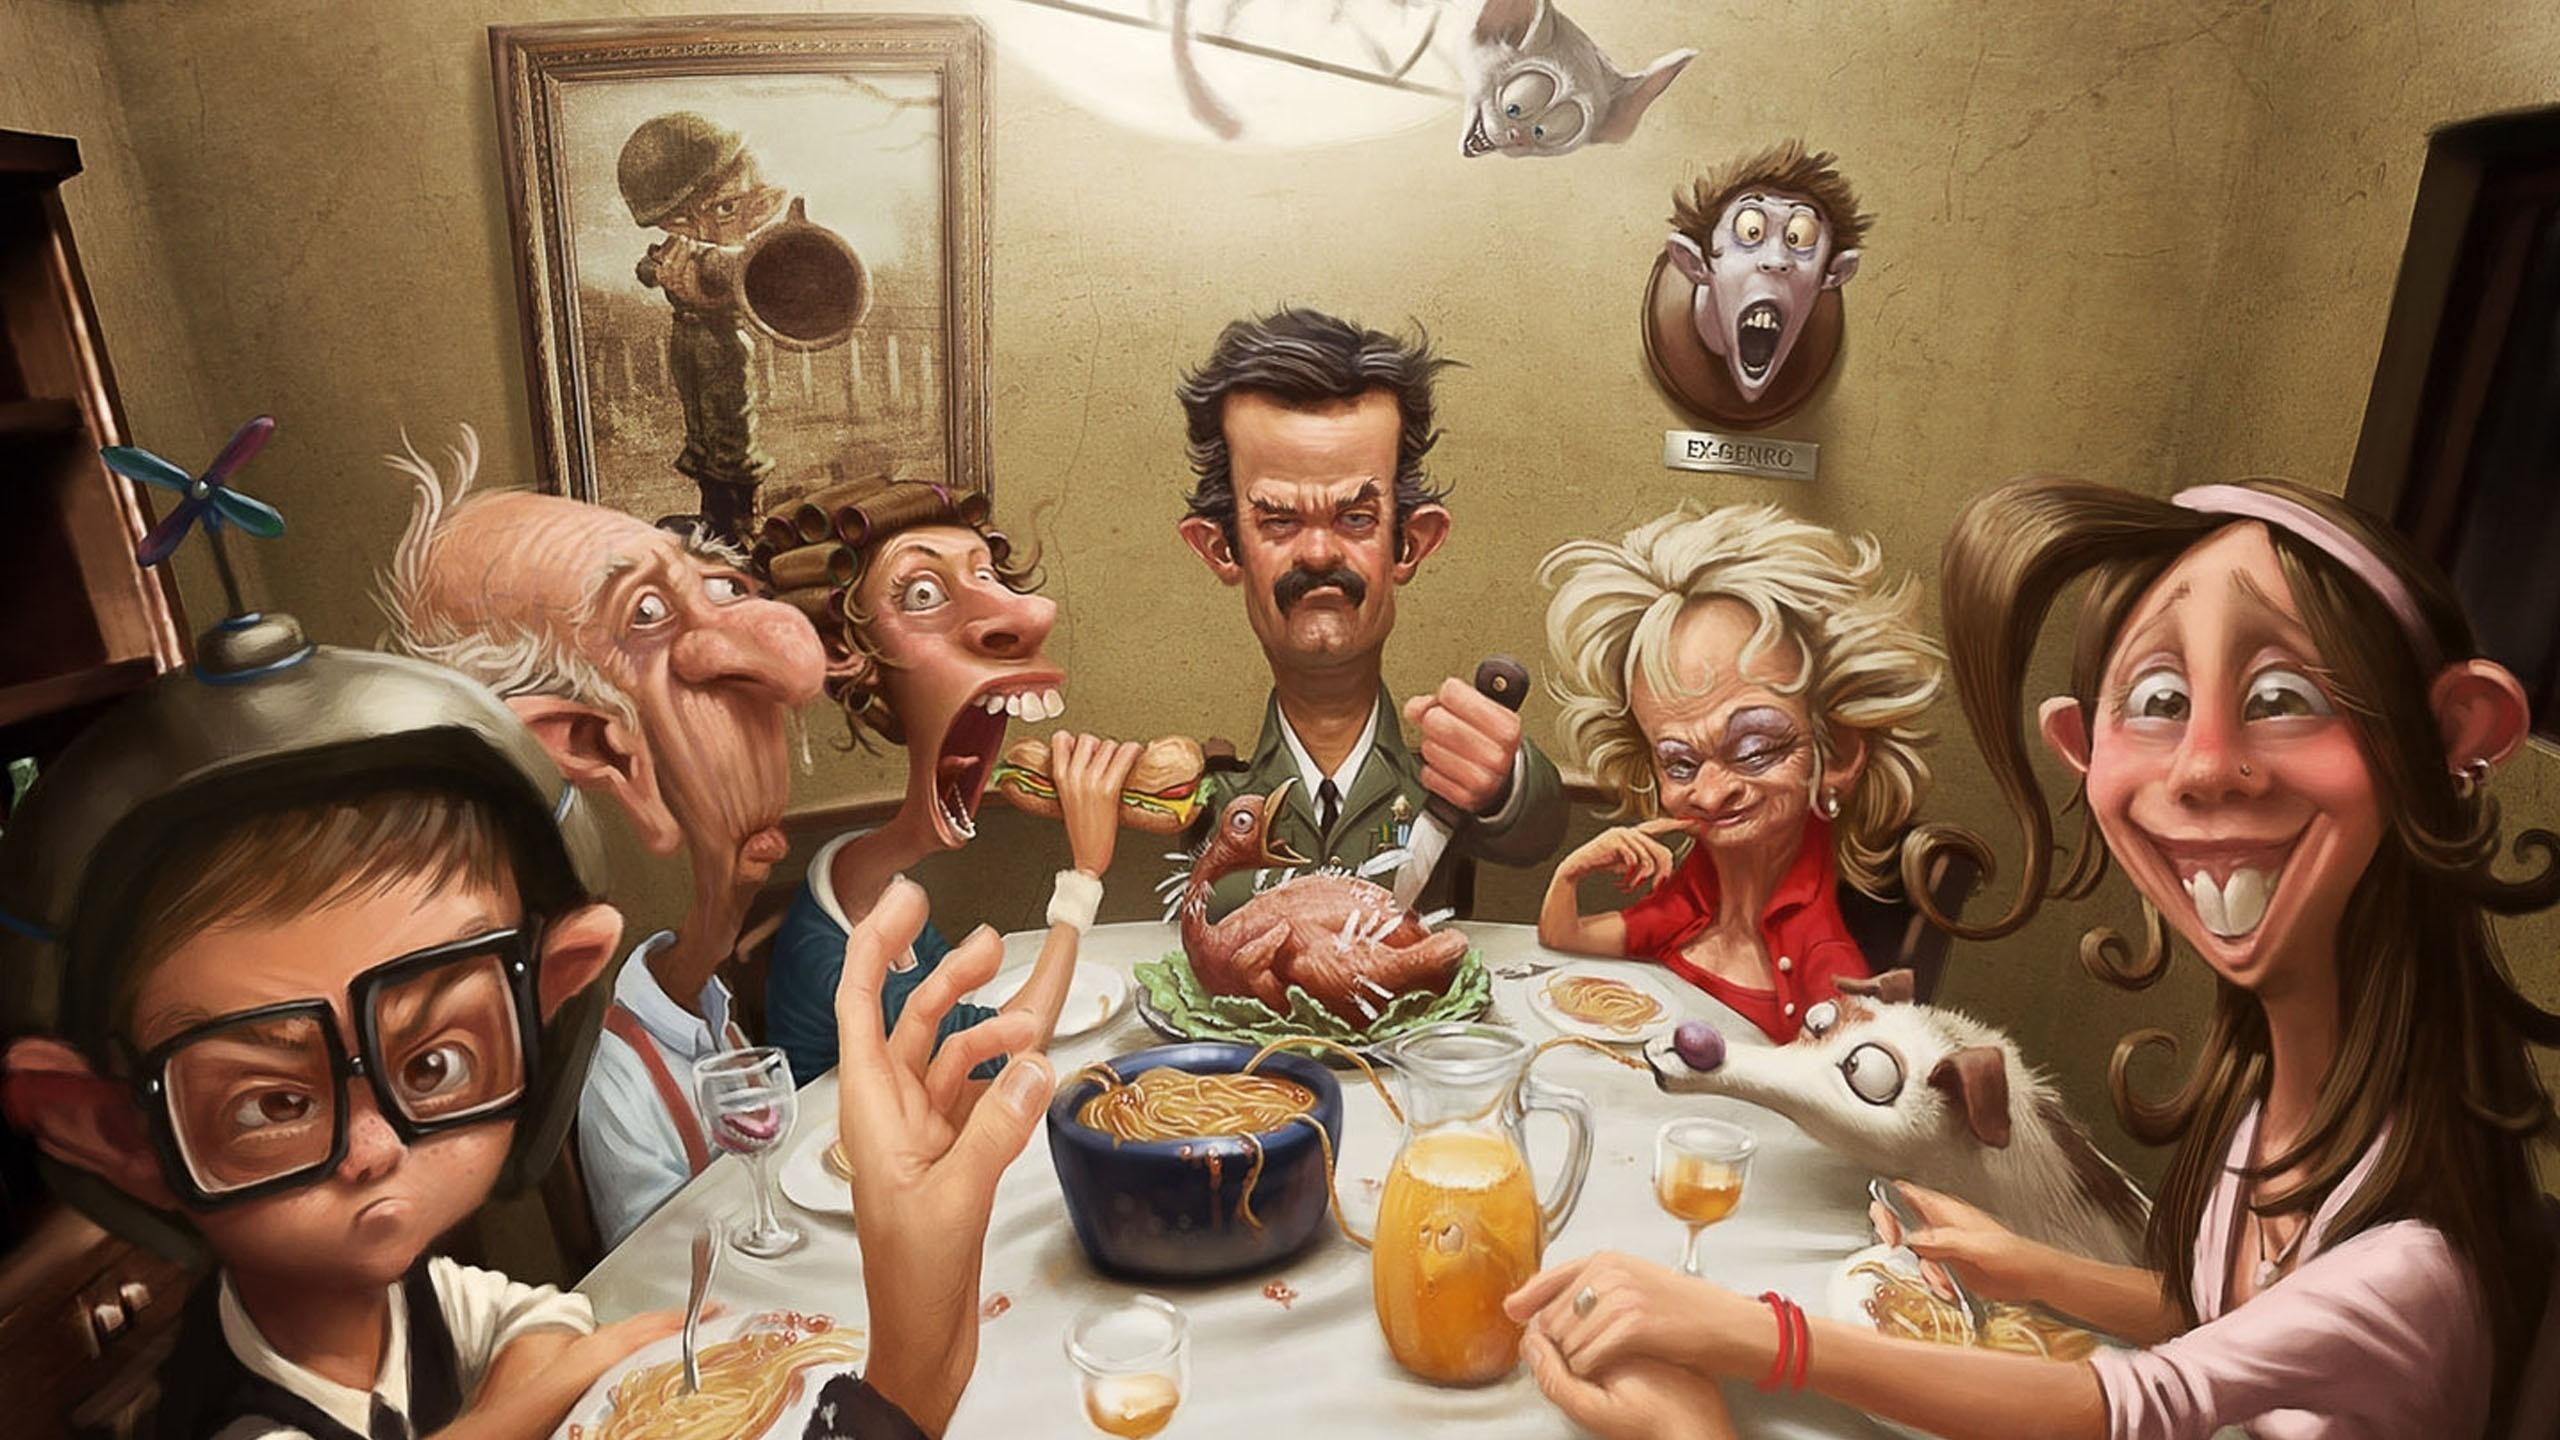 Картинки про семью со смыслом рисованные